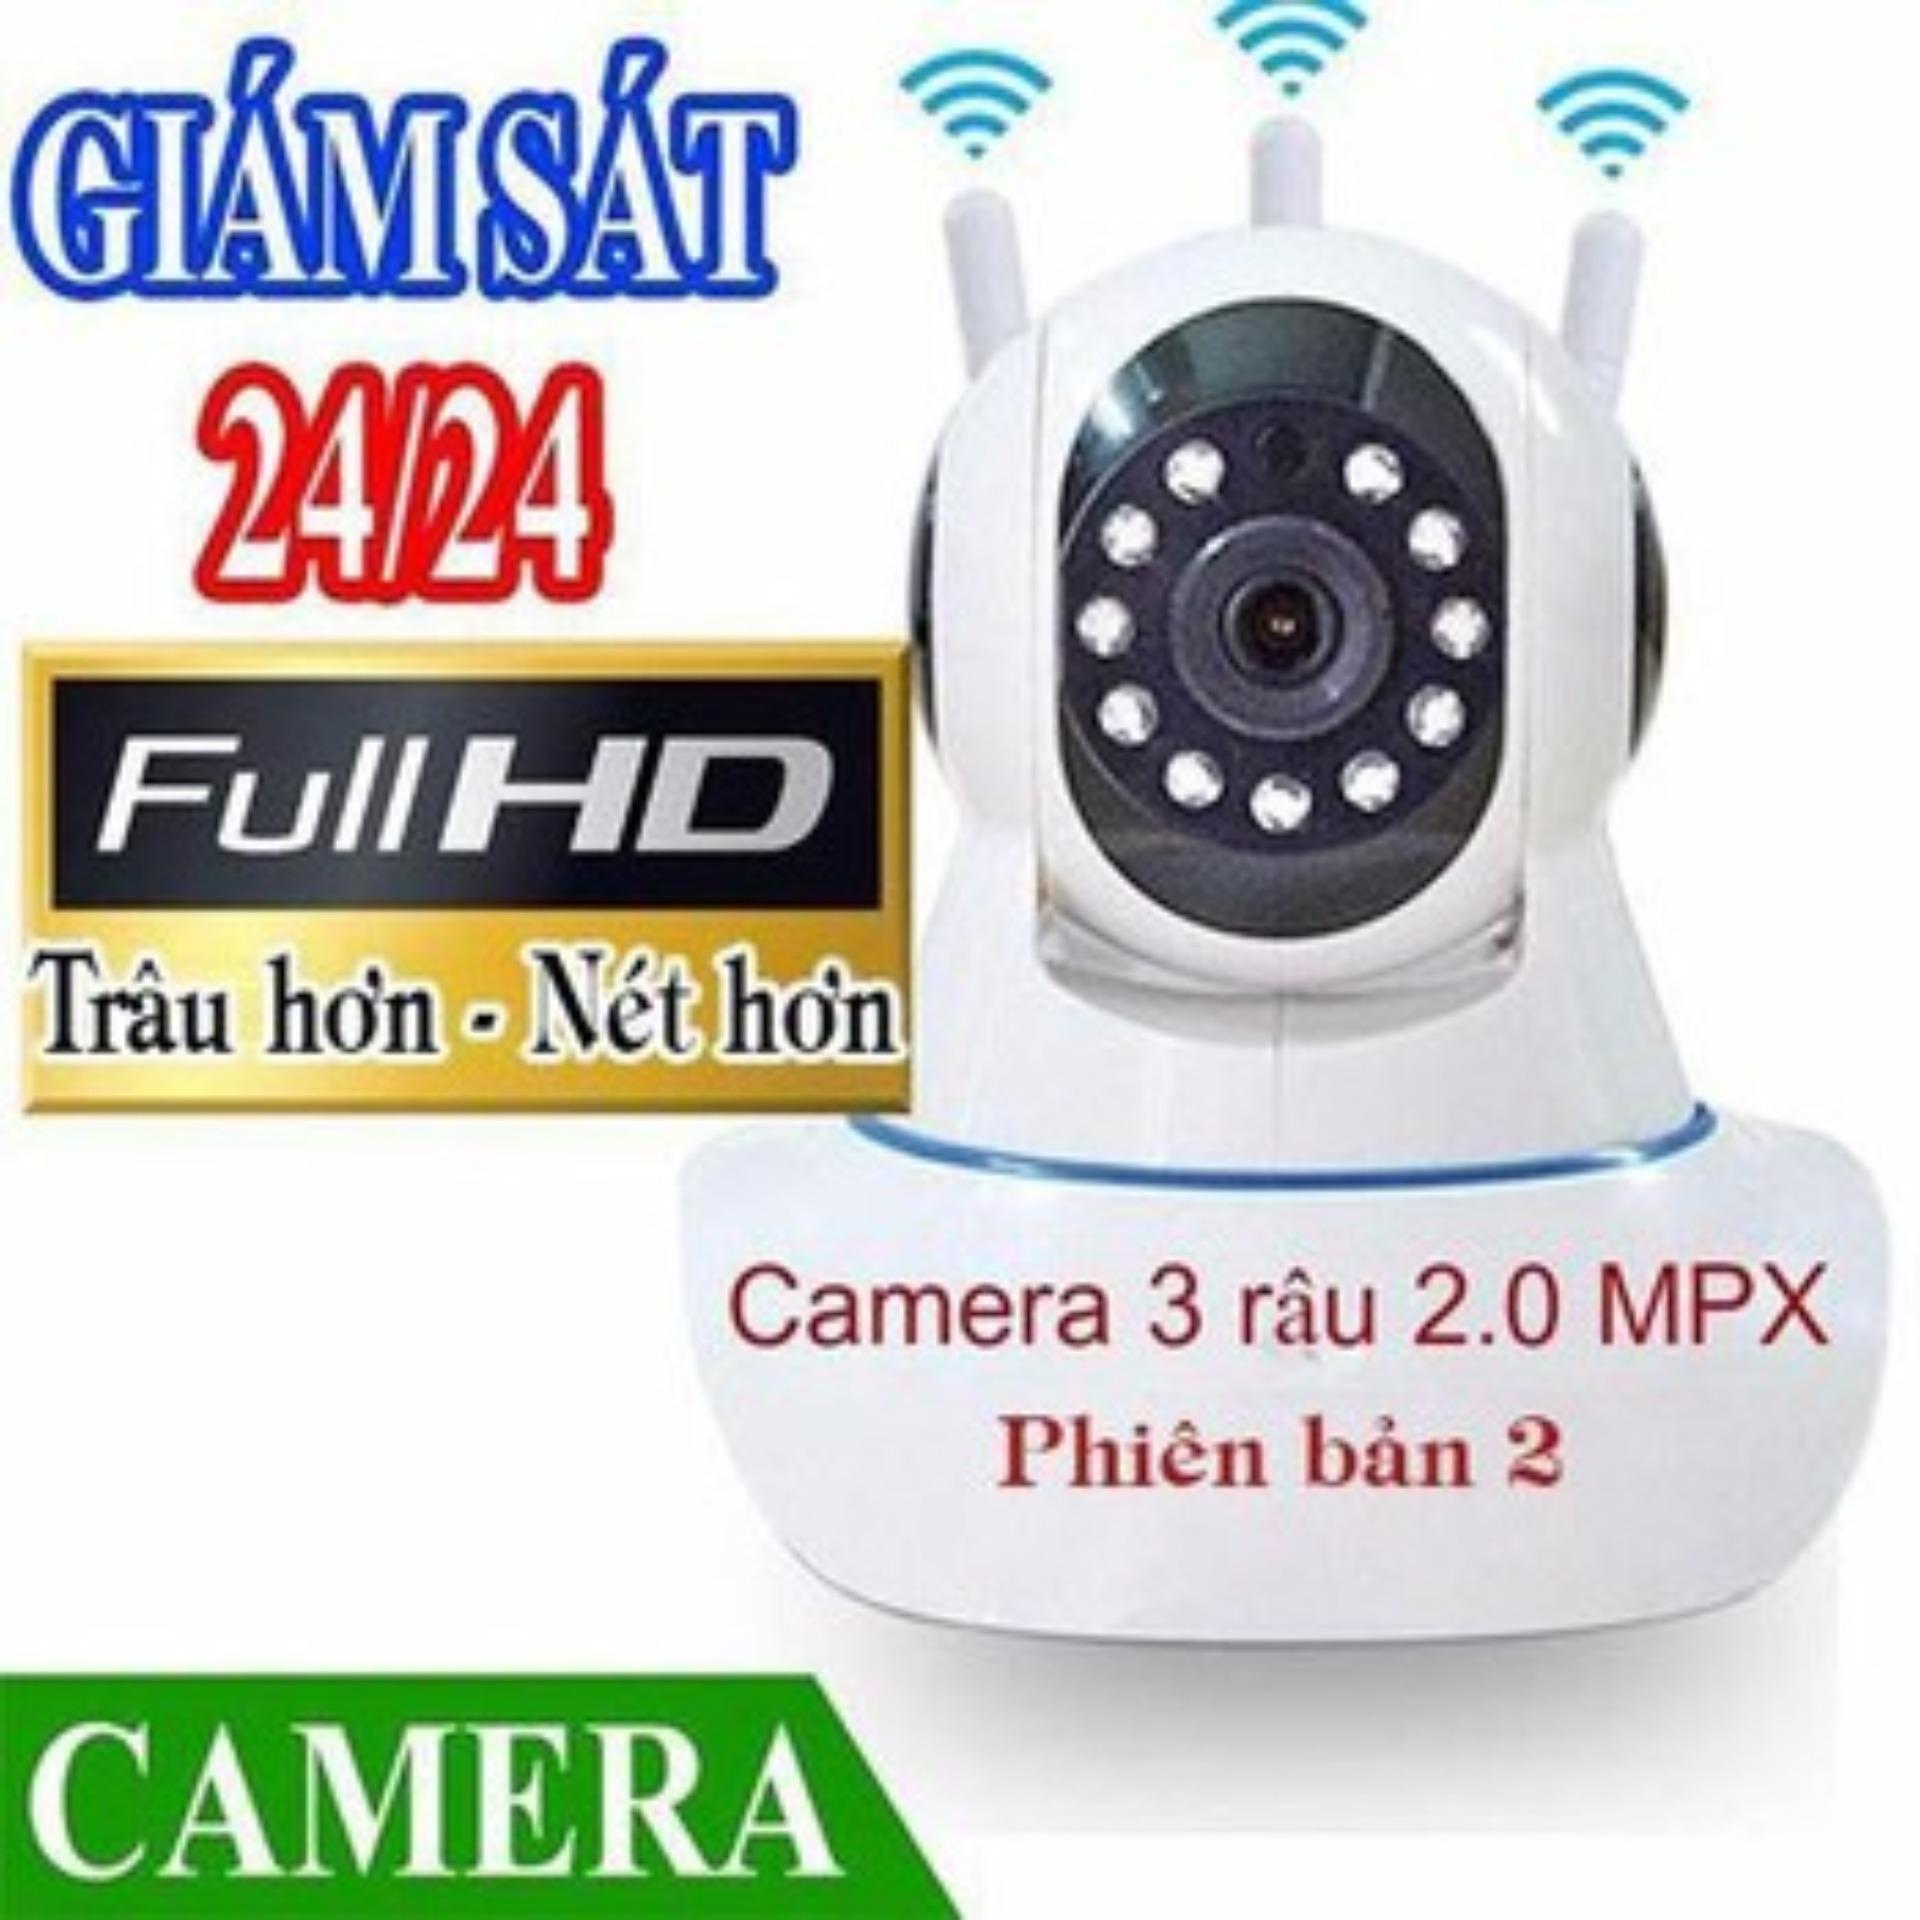 Camera Ip Wifi Yoosee 3 Râu Full Hd Không Dây Phiên Bản 2019 Xoay 360 Độ By Đồng Hồ Nam Nữ 686.